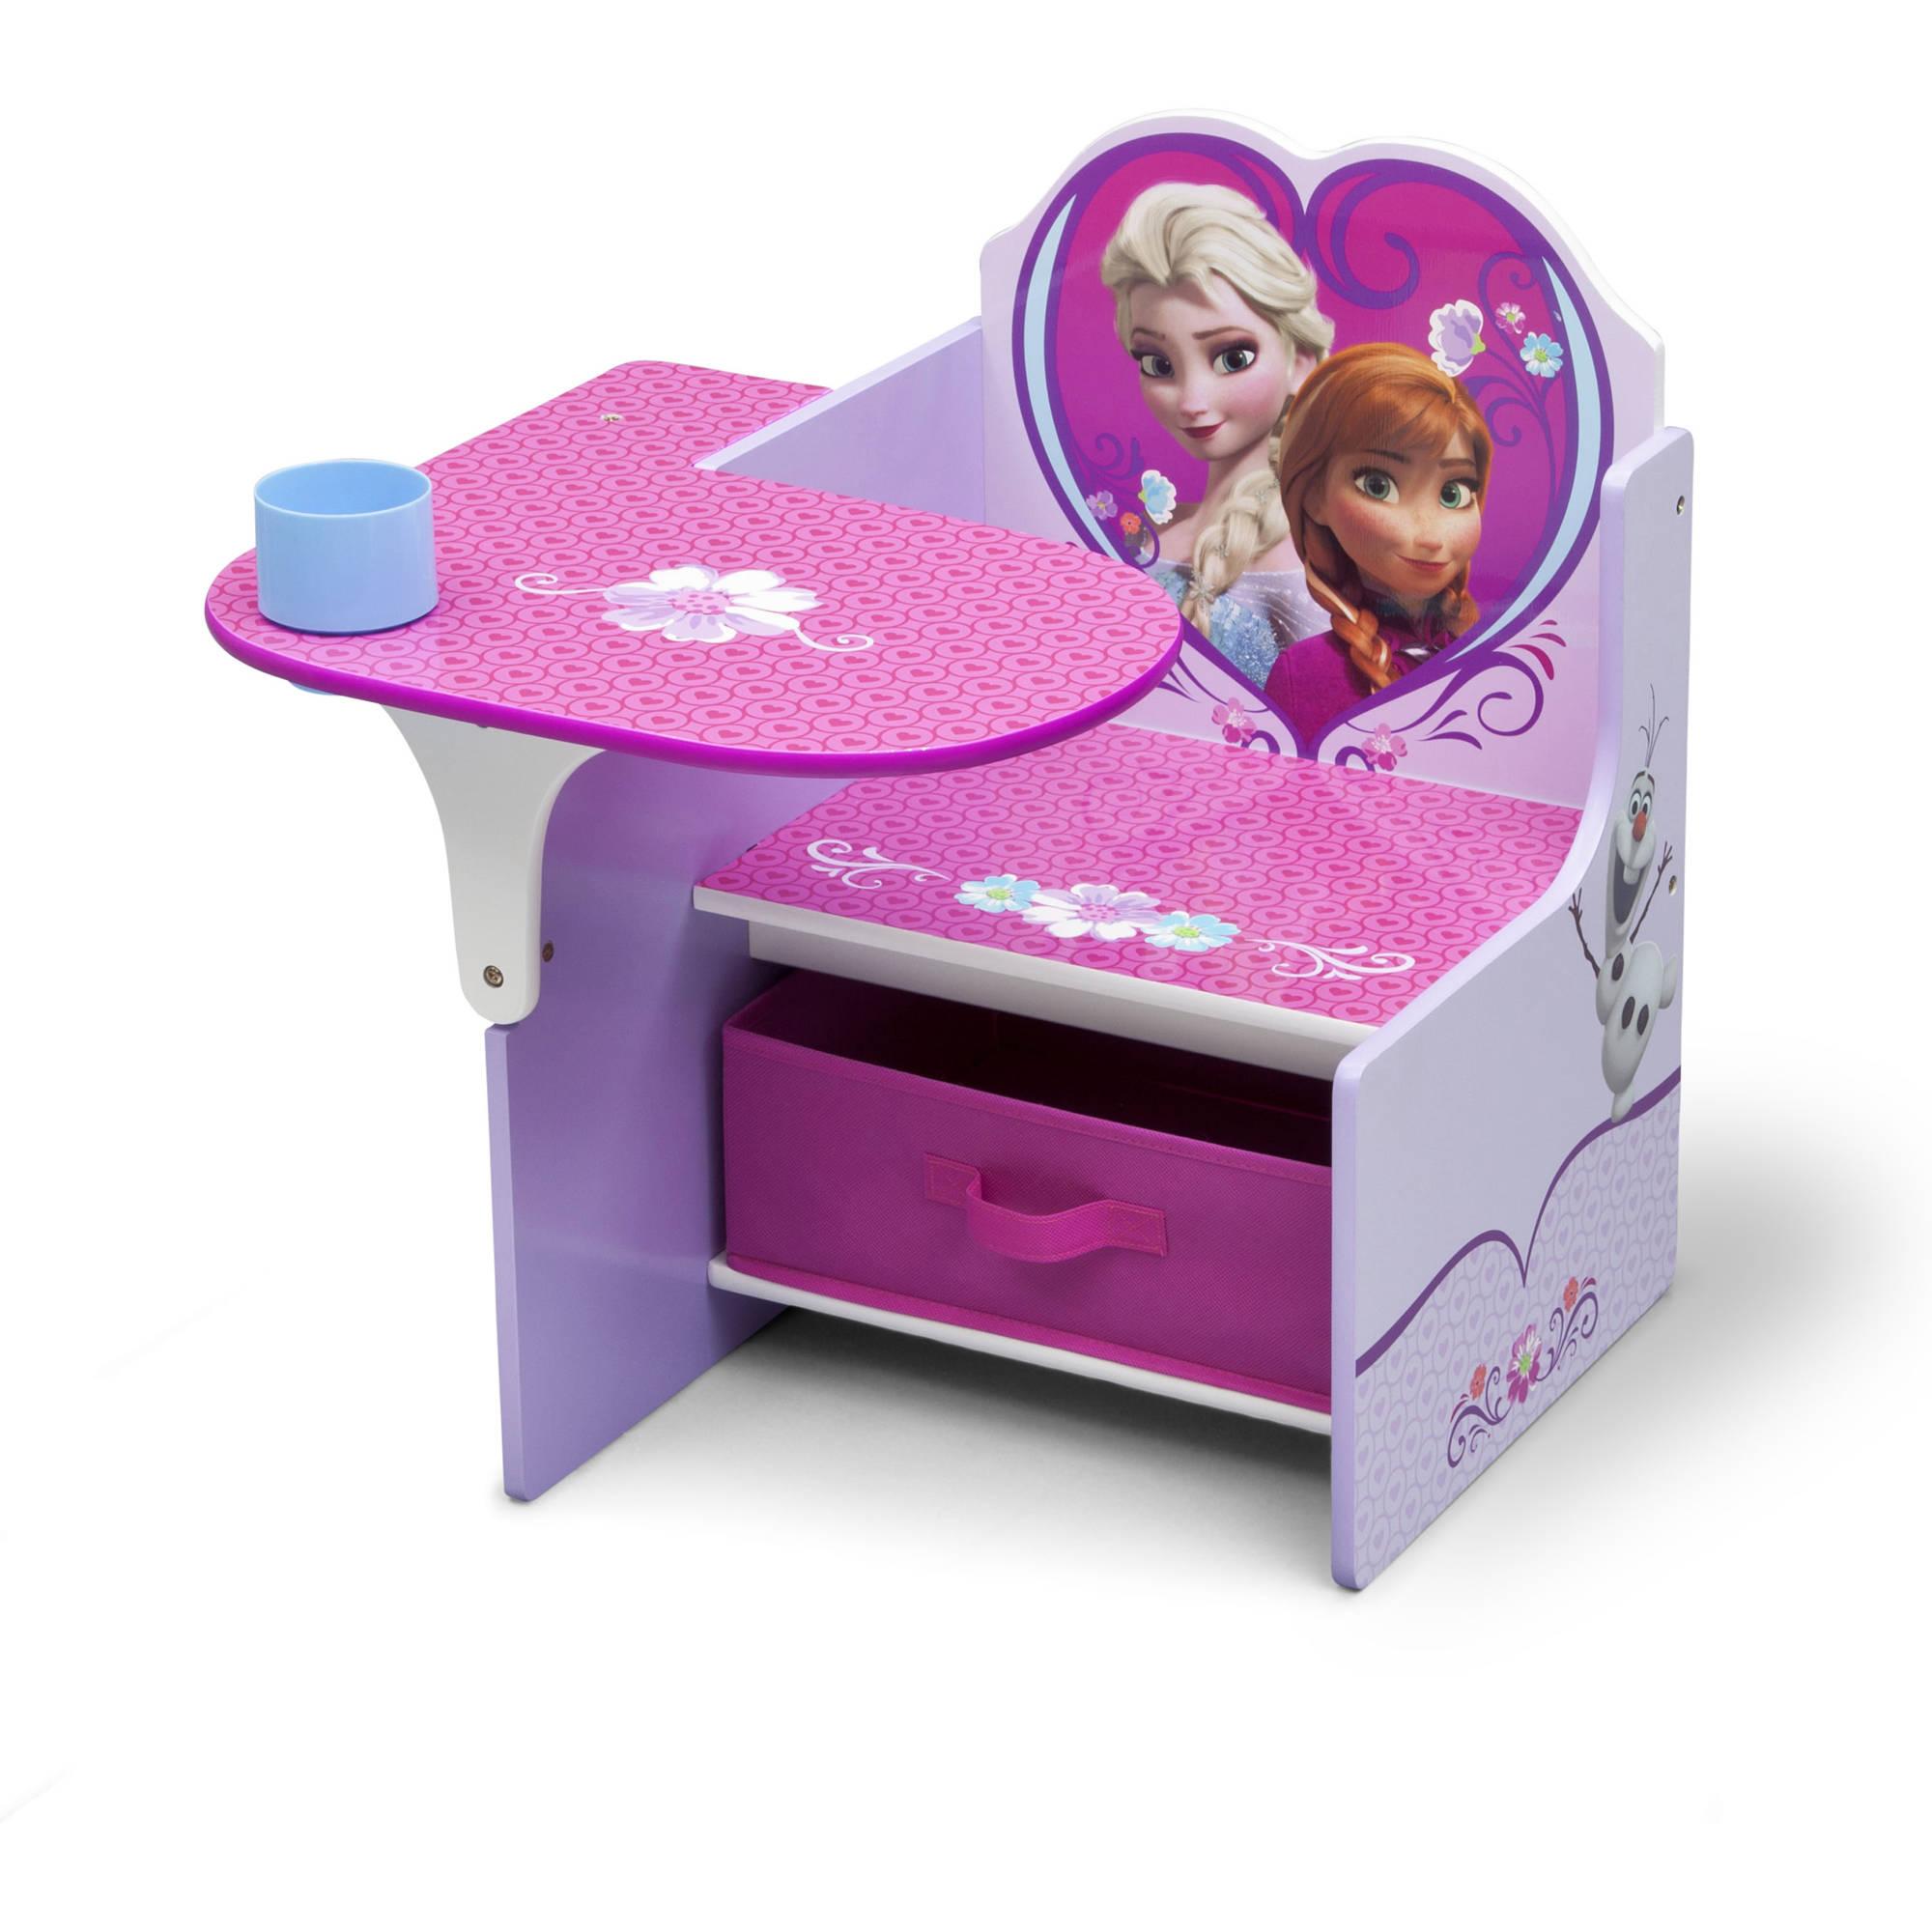 Disney Frozen Chair Desk with Storage Bin by Delta Children